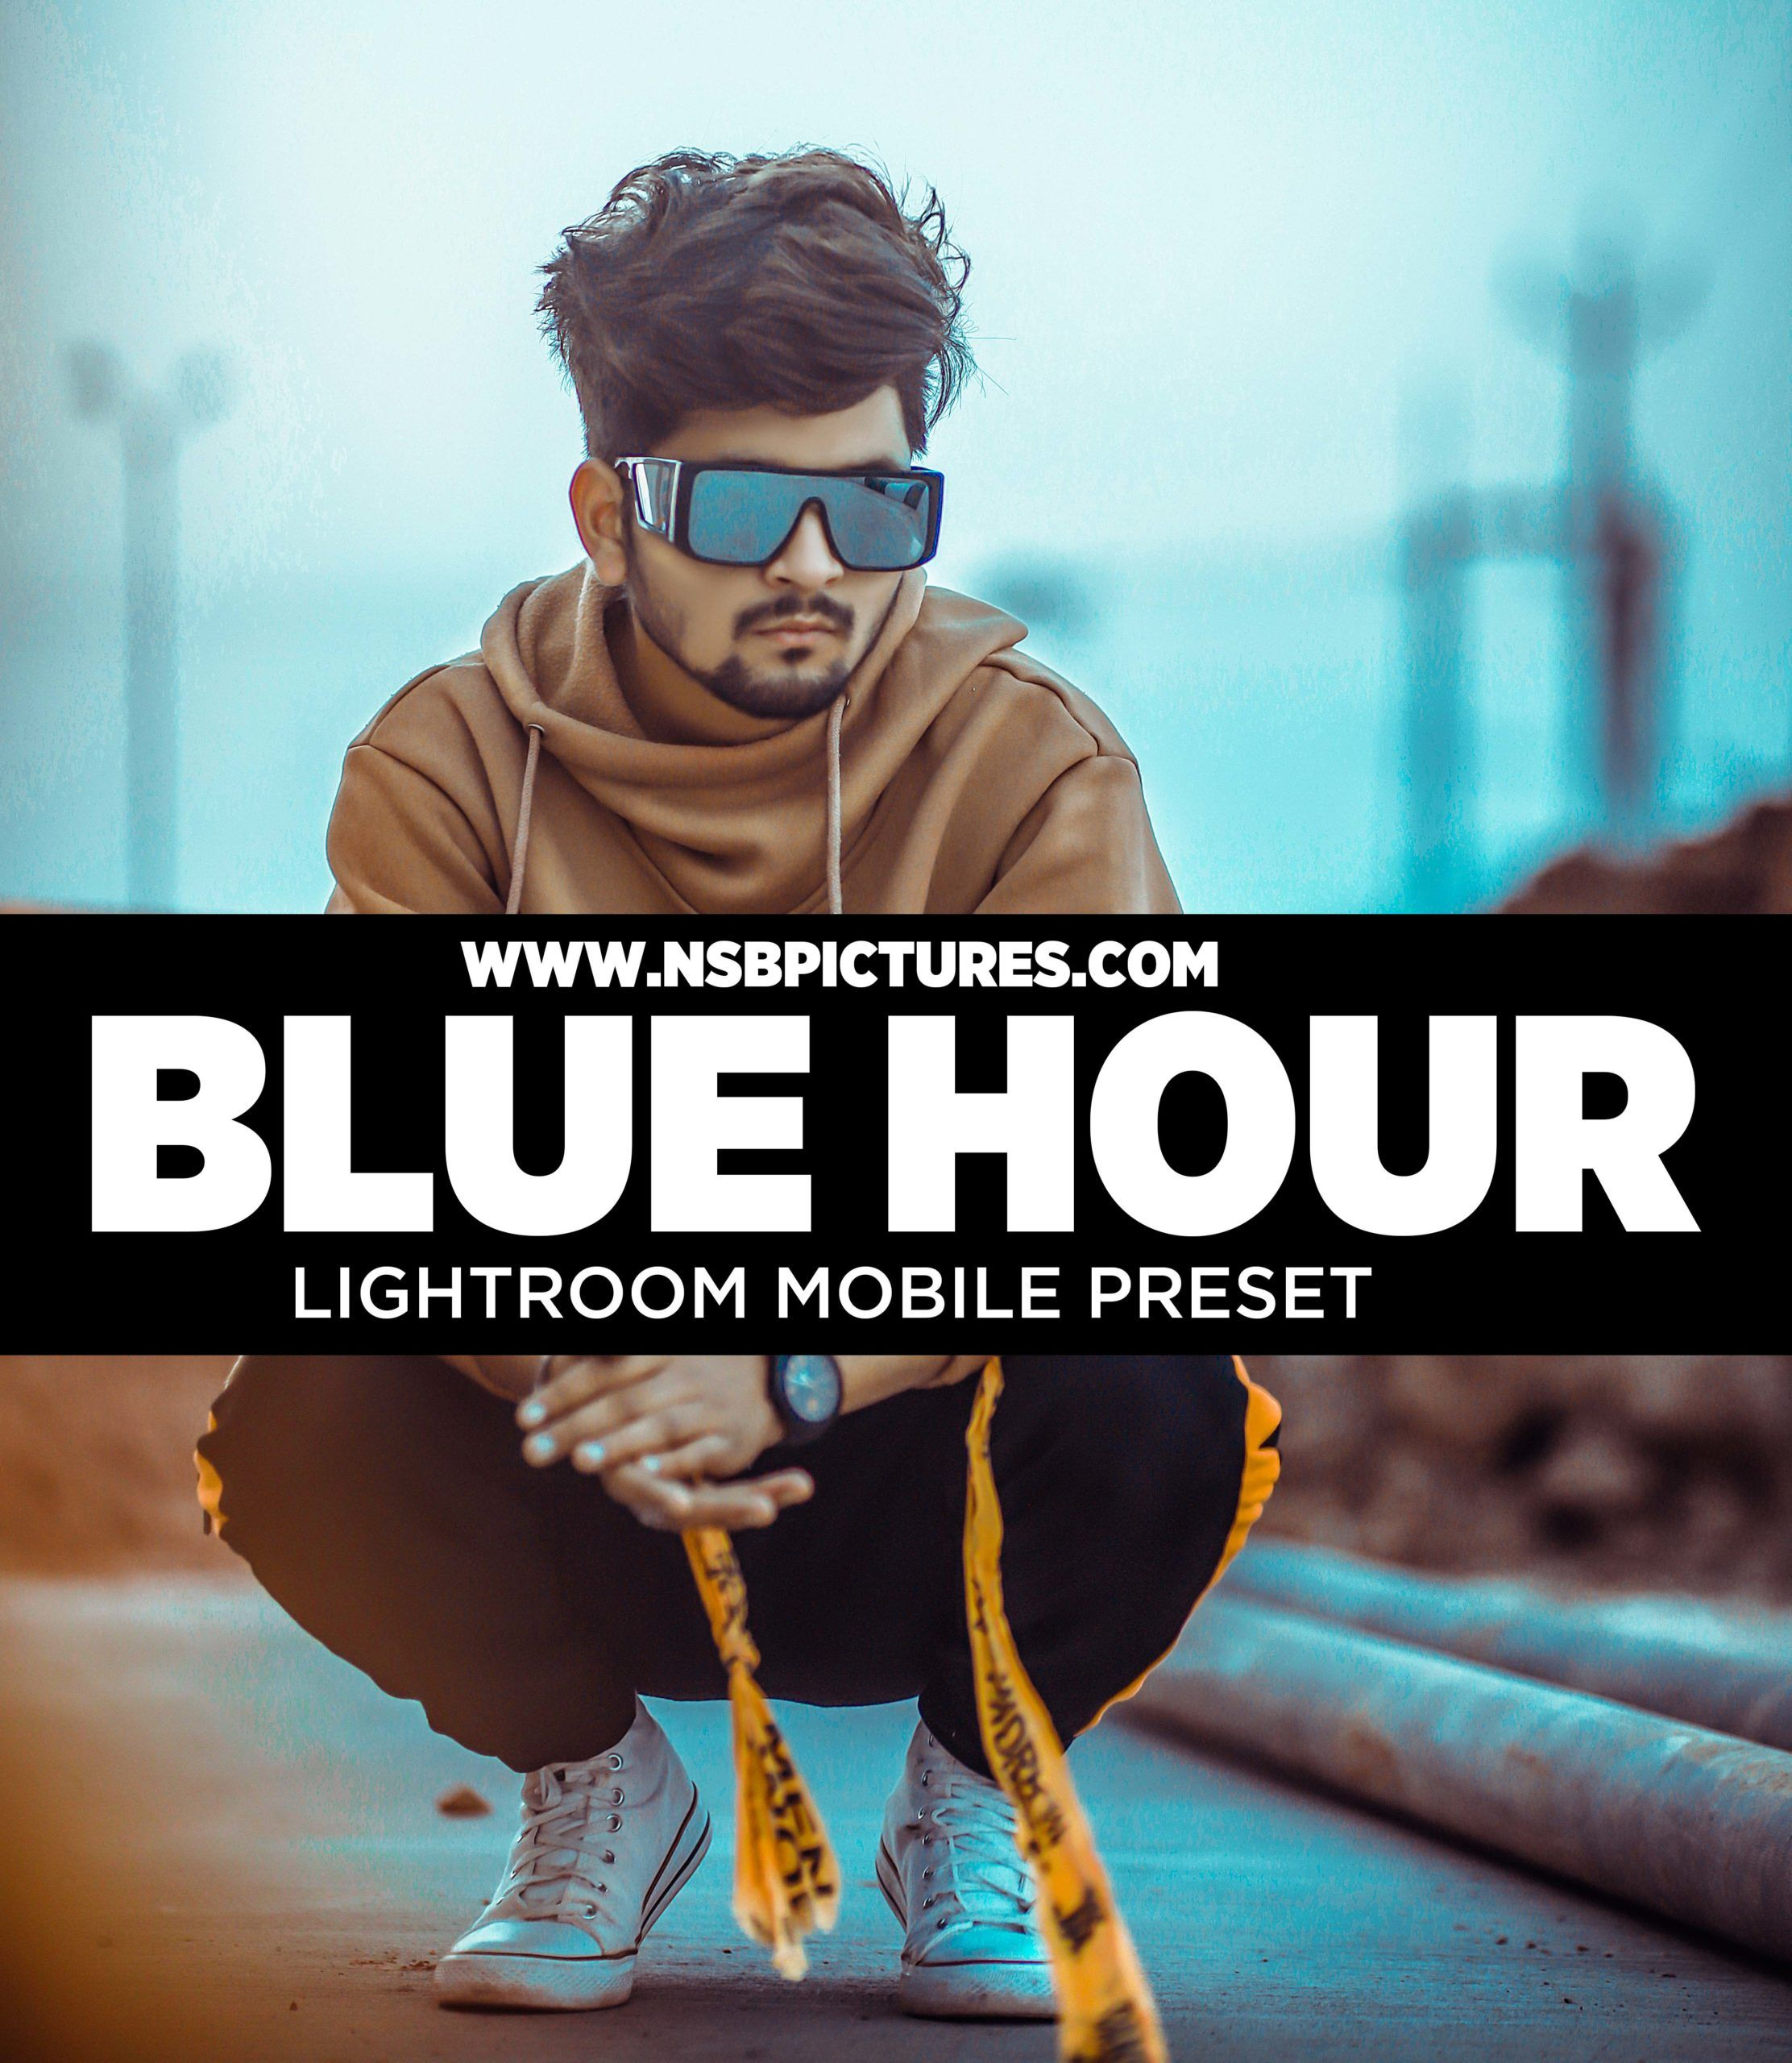 Dng presets for lightroom mobile download